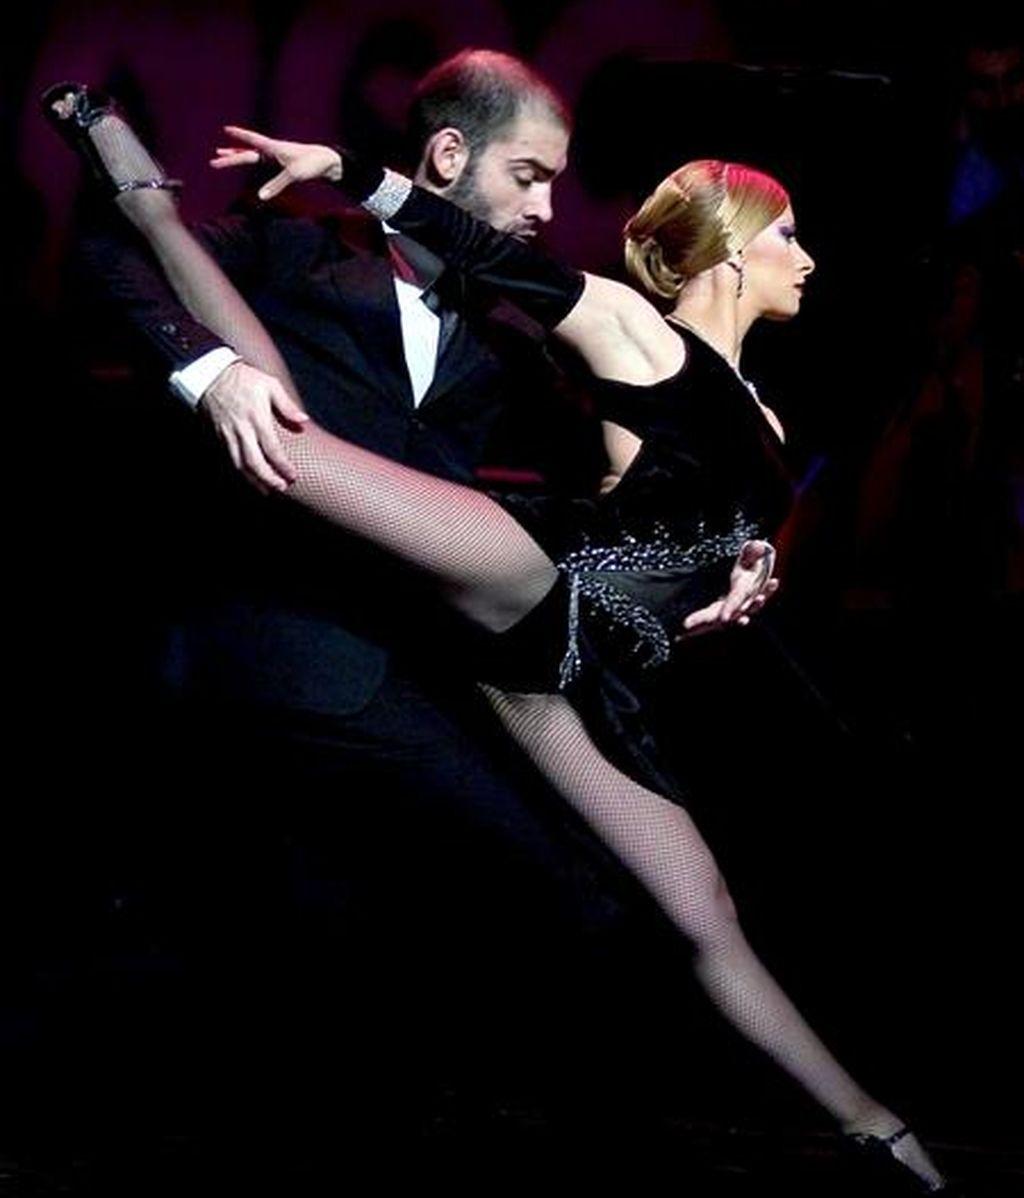 """El espectáculo Tango Fire"""", actualmente en cartelera en Londres, llegará el 26 de mayo a Barcelona, la ciudad en la que Carlos Gardel grabó """"La cumparsita"""" en 1927, combinando la música de los arrabales de Buenos Aires con las sensuales coreografías porteñas de cinco parejas de baile. EFE"""